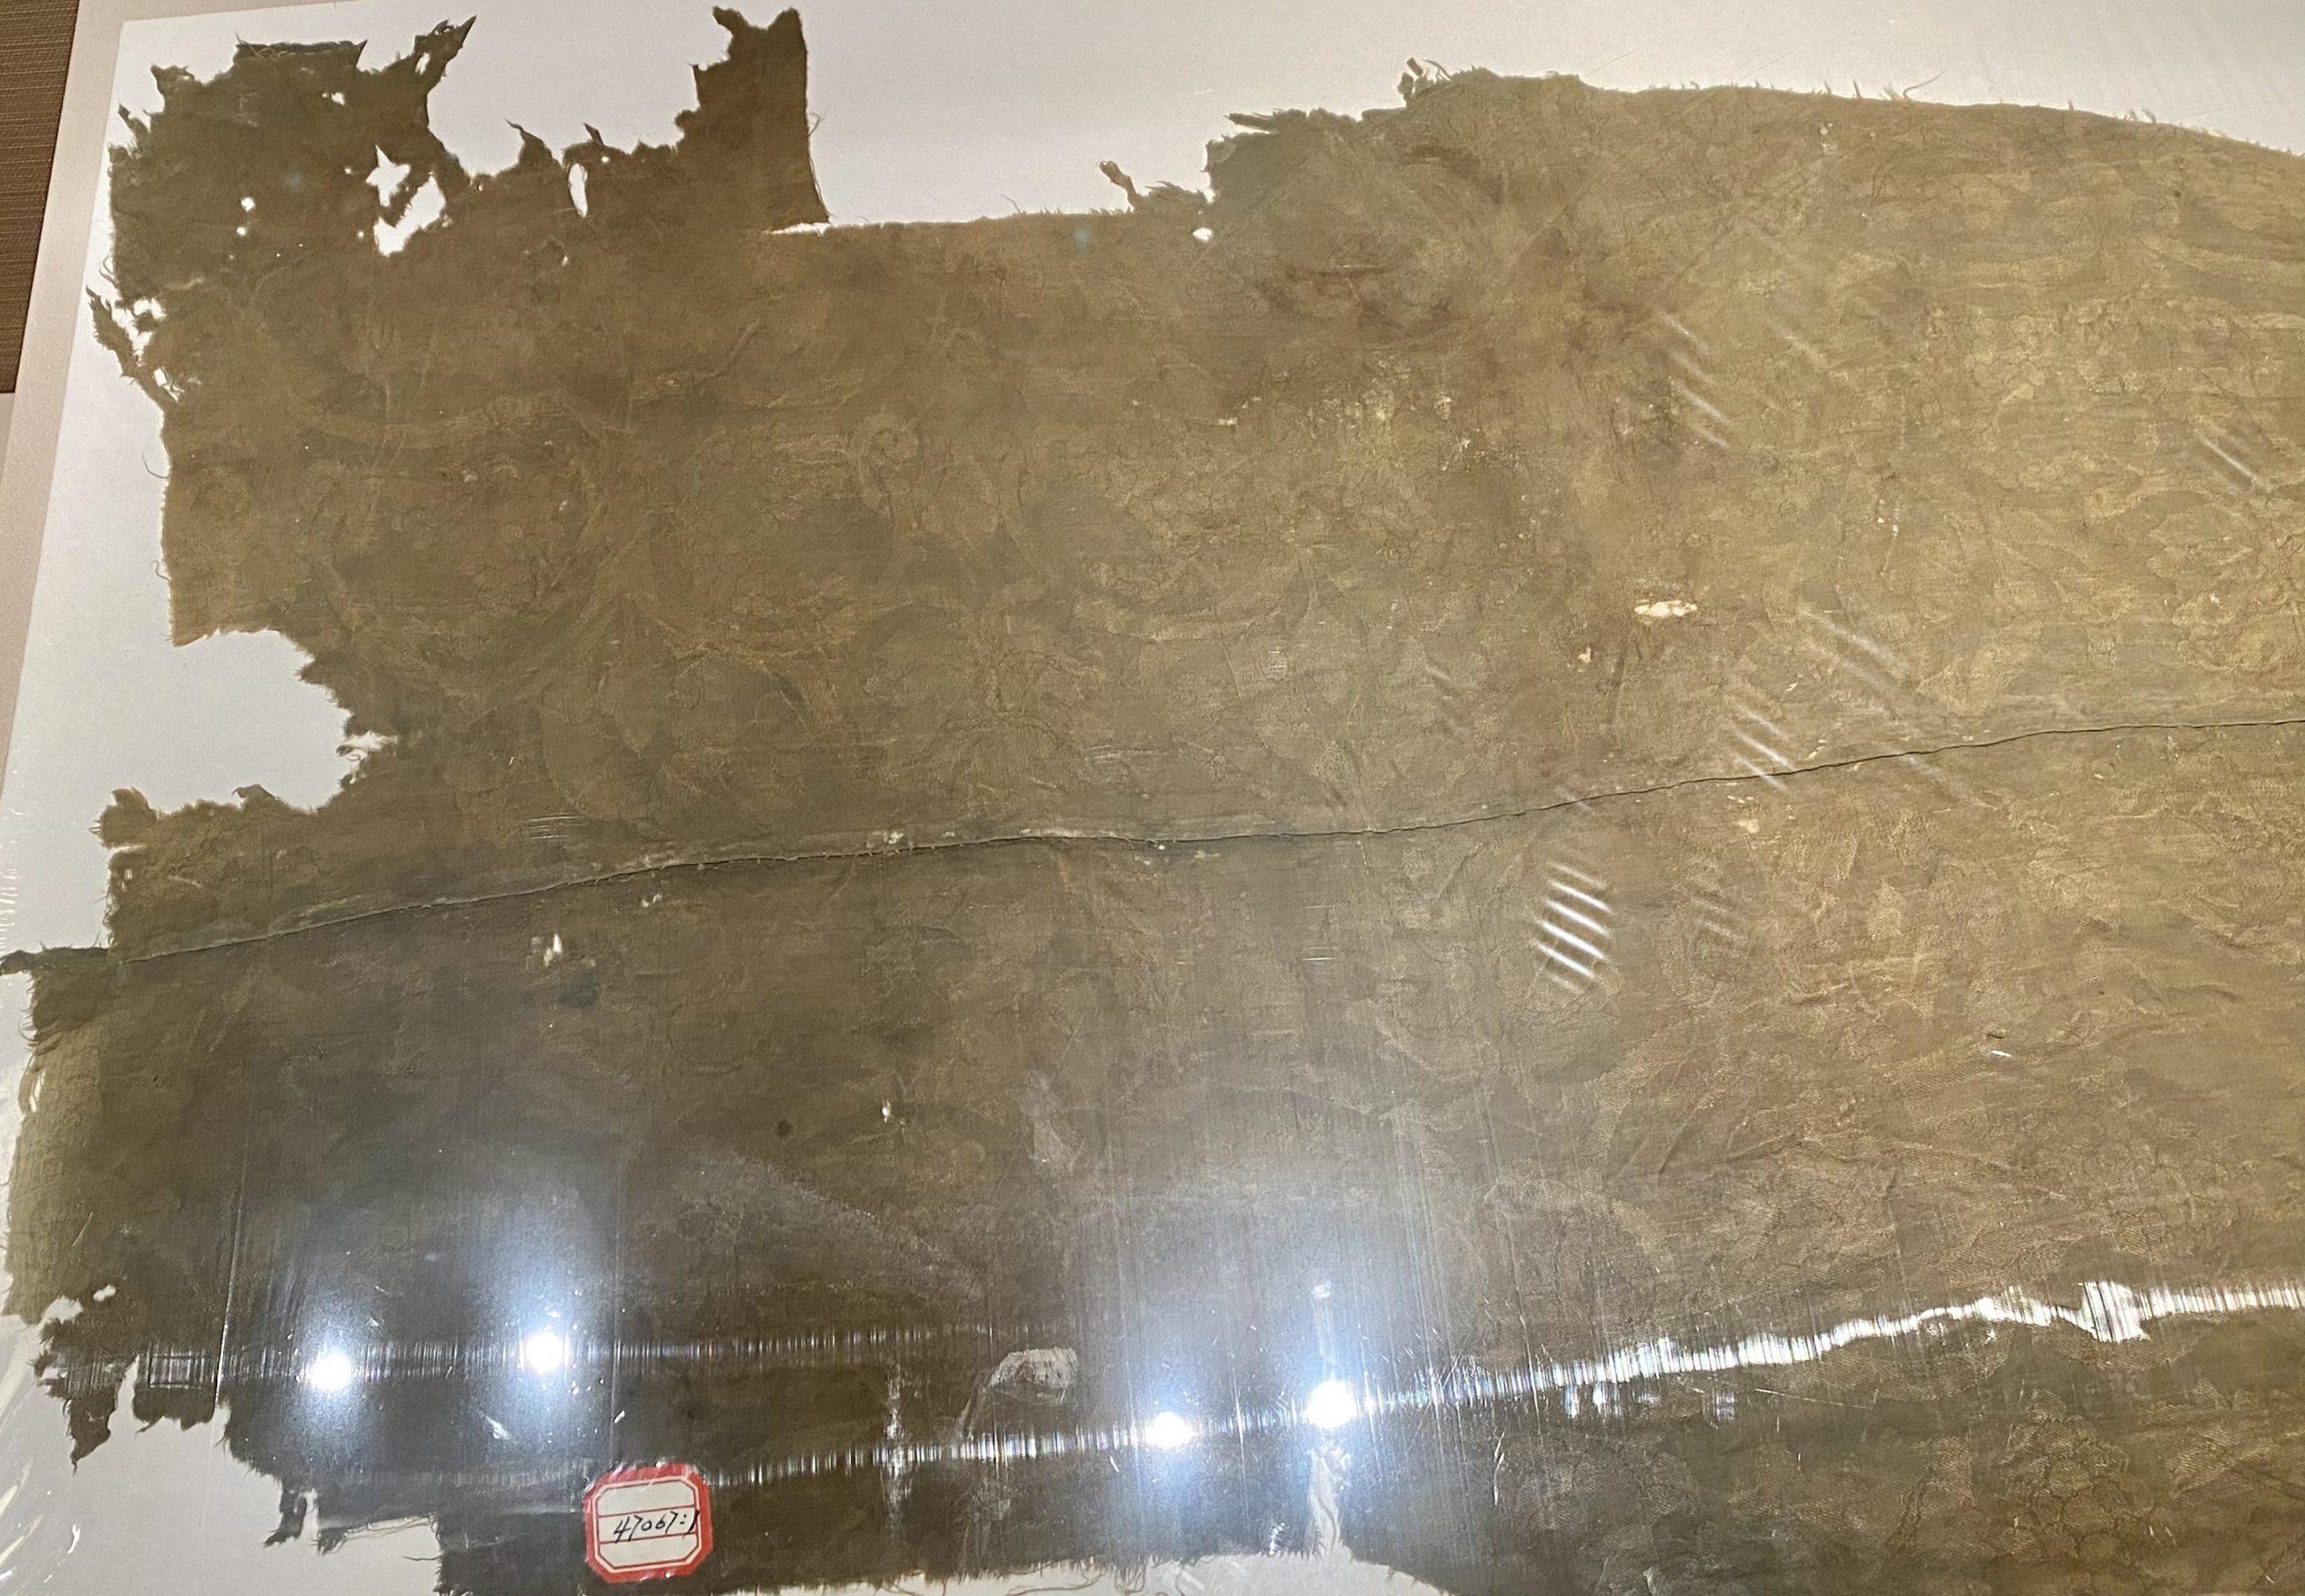 緑色纏枝葡萄綺-唐時代-巡回特別展【天歌長歌-唐蕃古道】-四川博物館